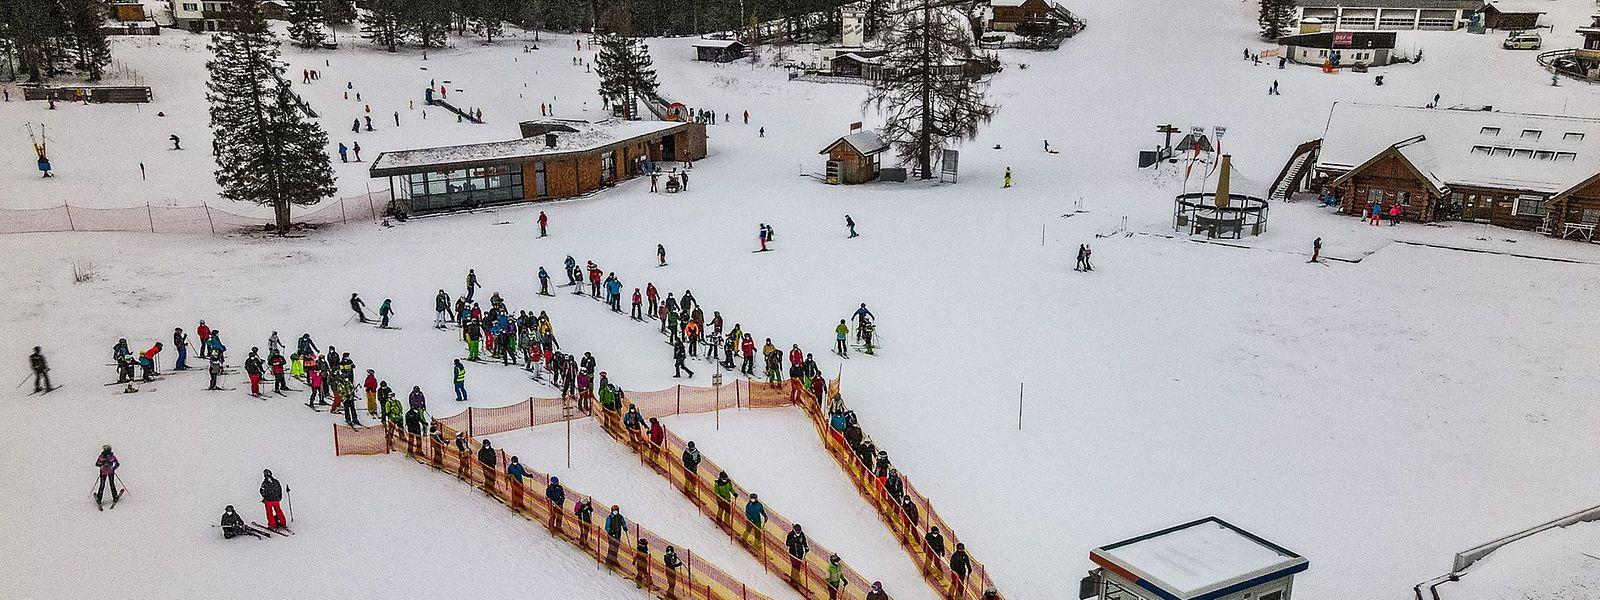 Obwohl in Österreich seit dem 26. Dezember vergangenen Jahres ein harter Lockdown gilt, waren die Skigebiete – wie hier in Wurzelalm und Hinterstoder – über die Feiertage gut besucht.